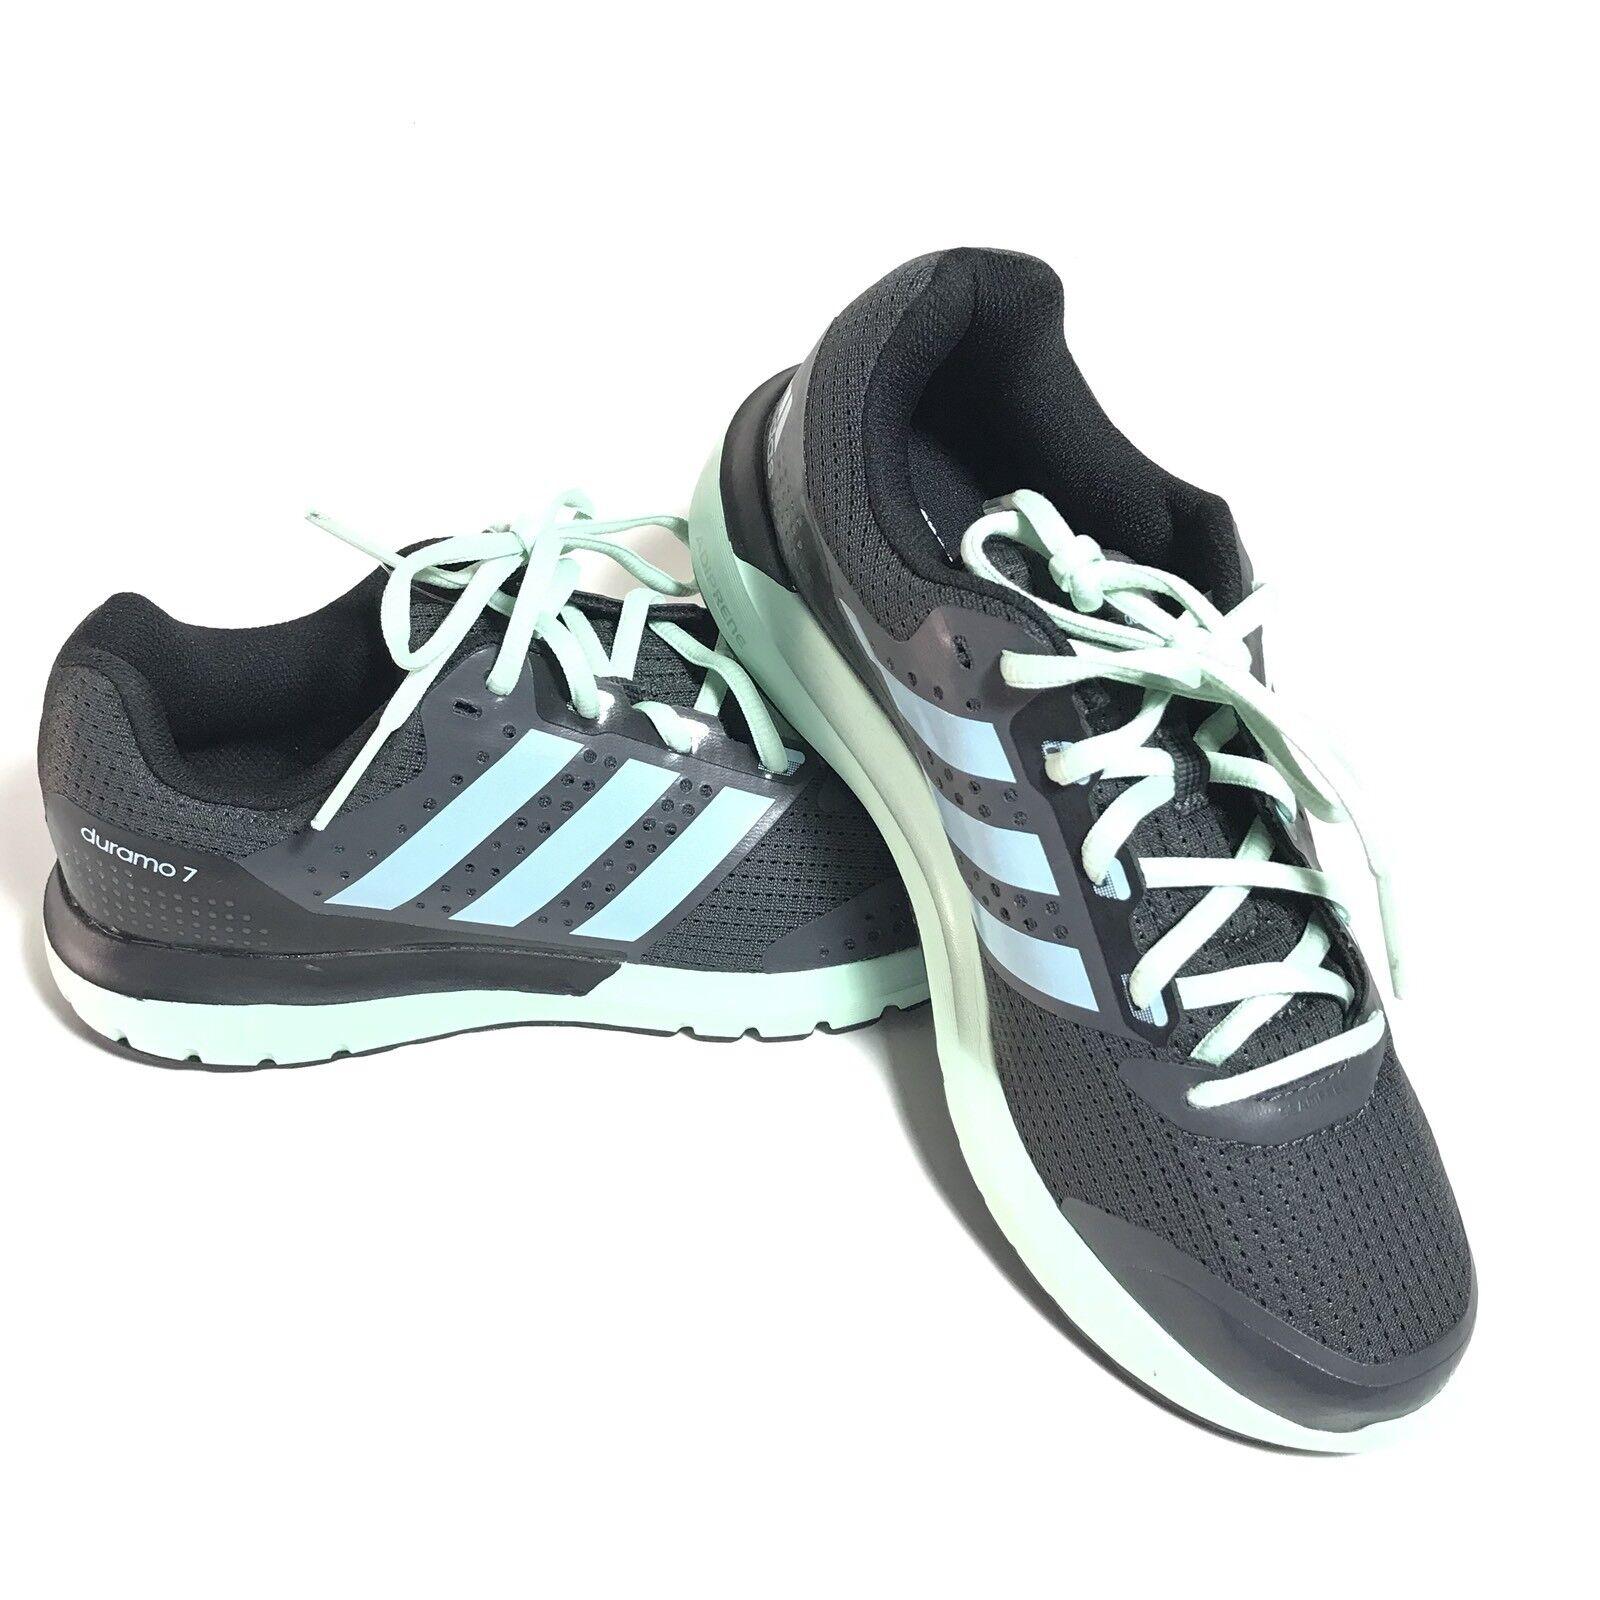 Adidas männer m duramo 7 m männer laufschuhe b33550 grau und schwarz / grün und blau größe 6,5 s 9de2e3